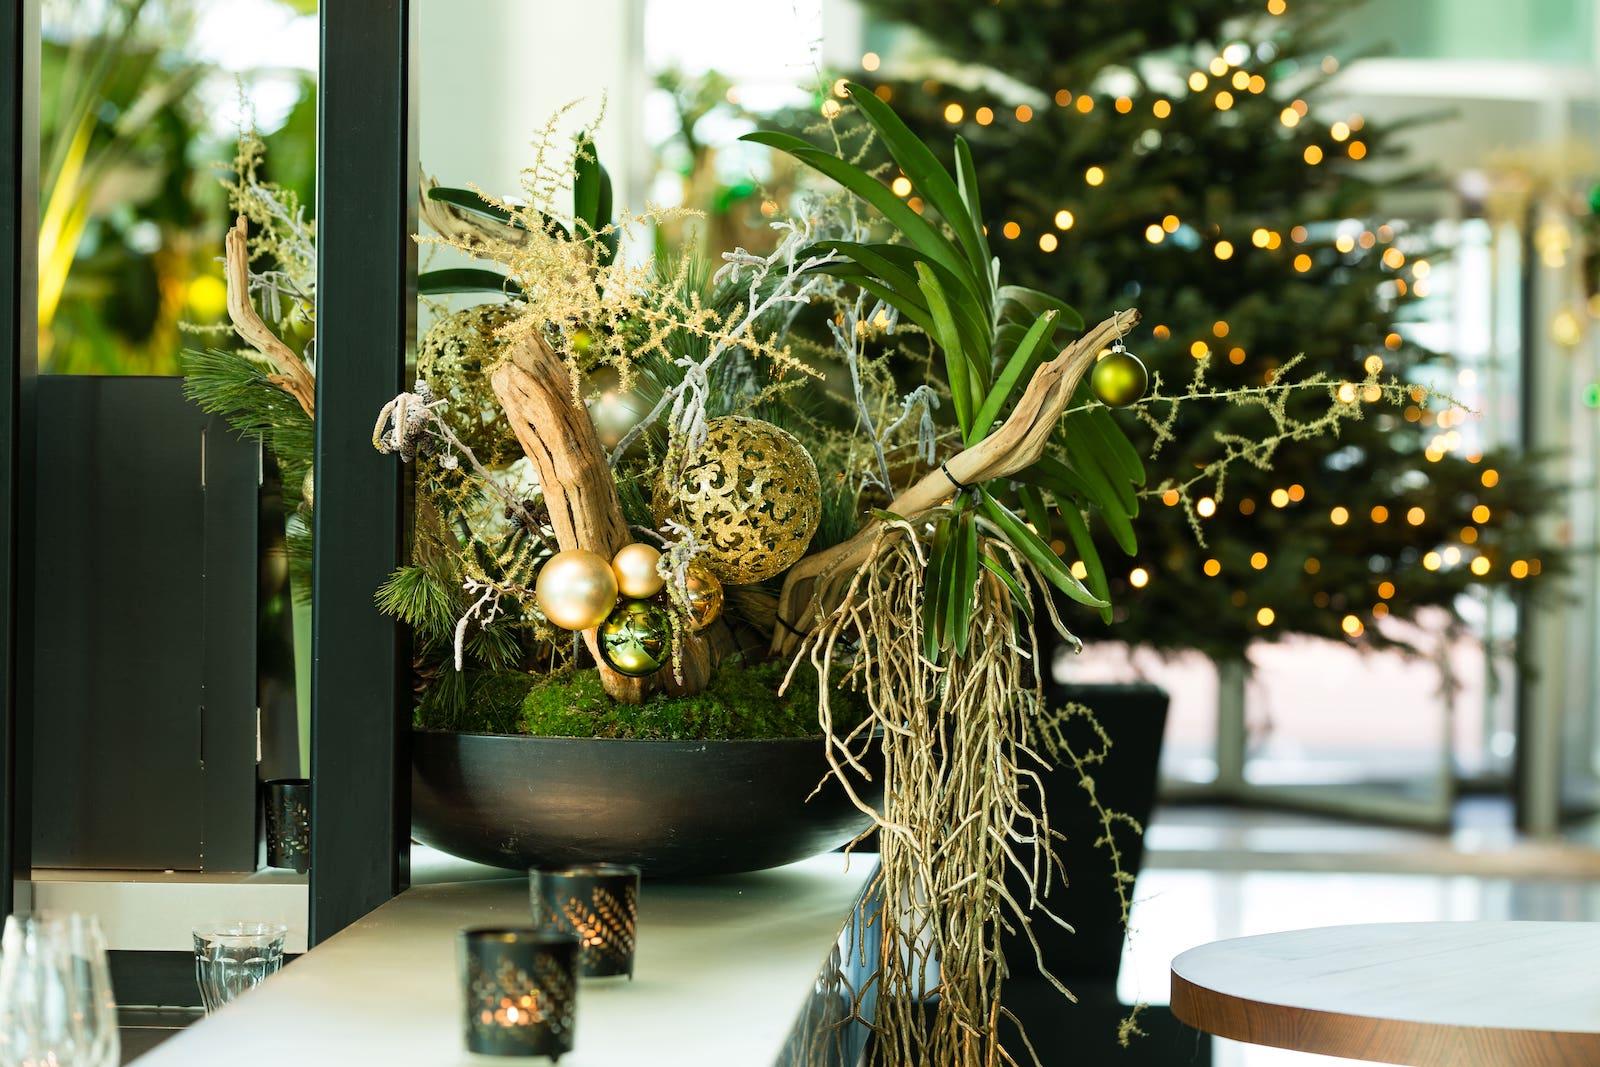 Bas de Boer Eventstyling Weihnachtsdekoration Metropolitan Eyecatcher Weihnachtsgesteck in Schale Schwarz www.basdeboer eventstyling.de 6 - Weihnachtsfeier Eventstyling